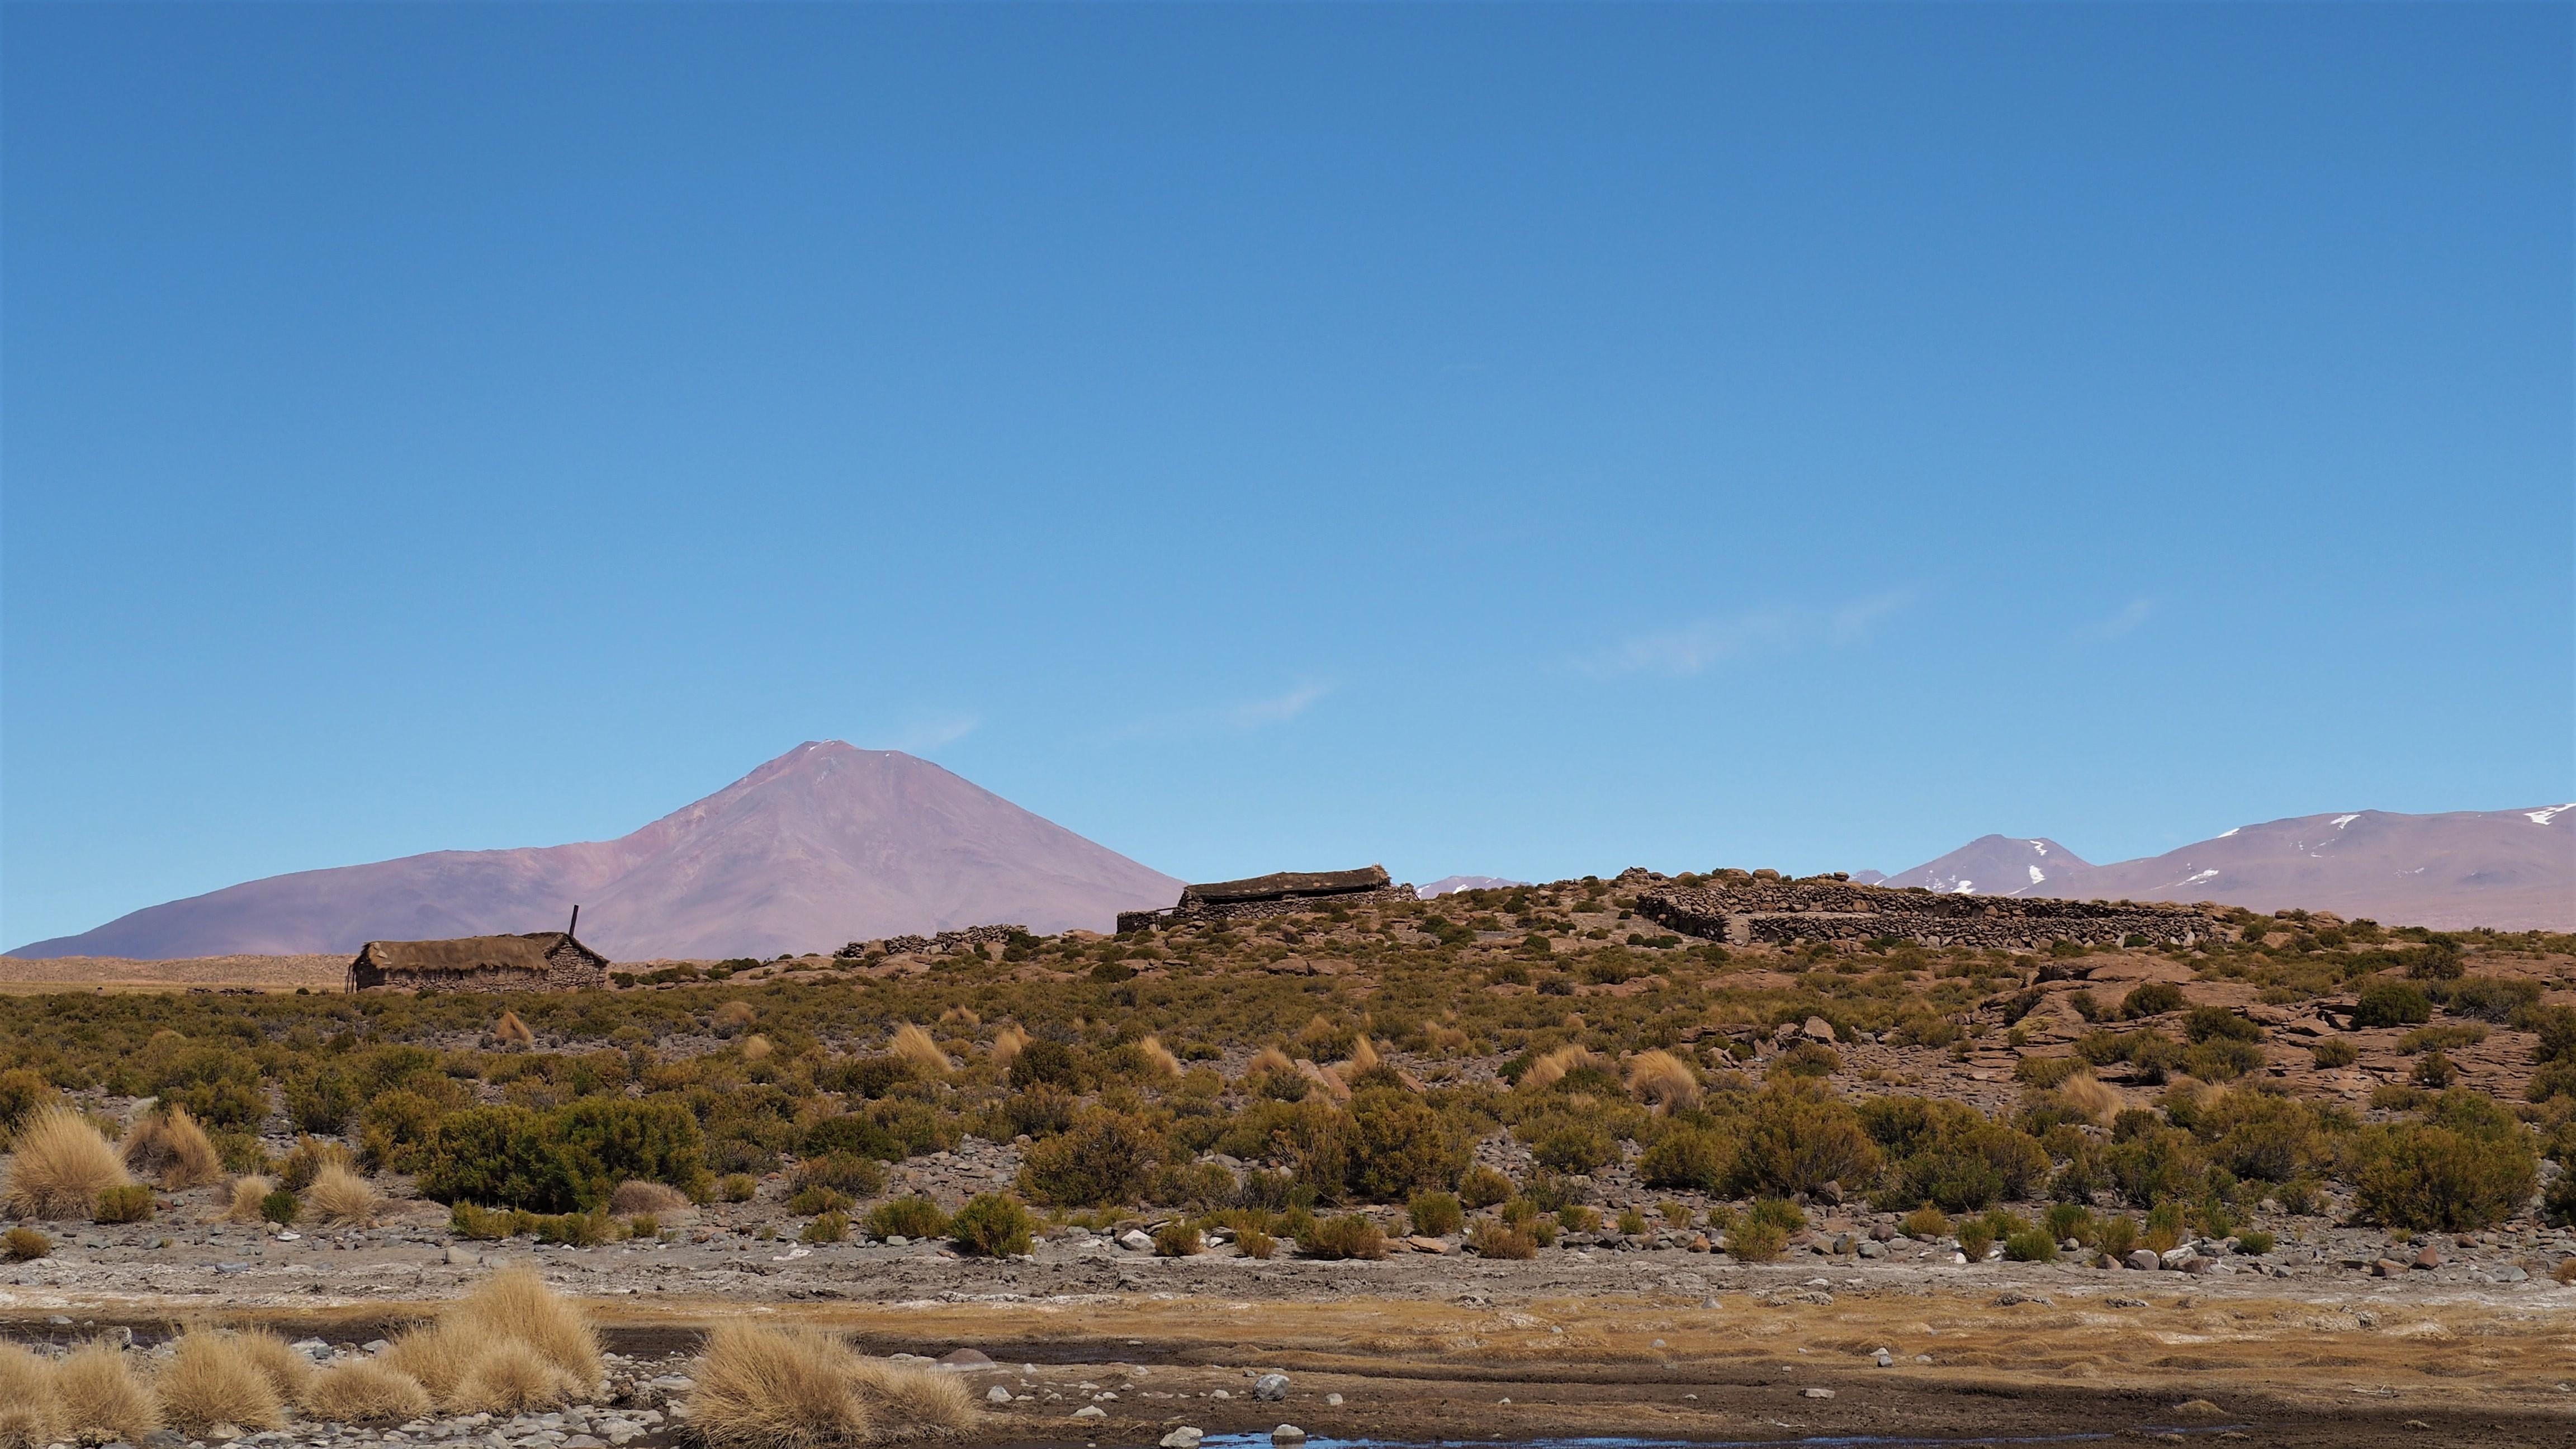 campesino dwellings